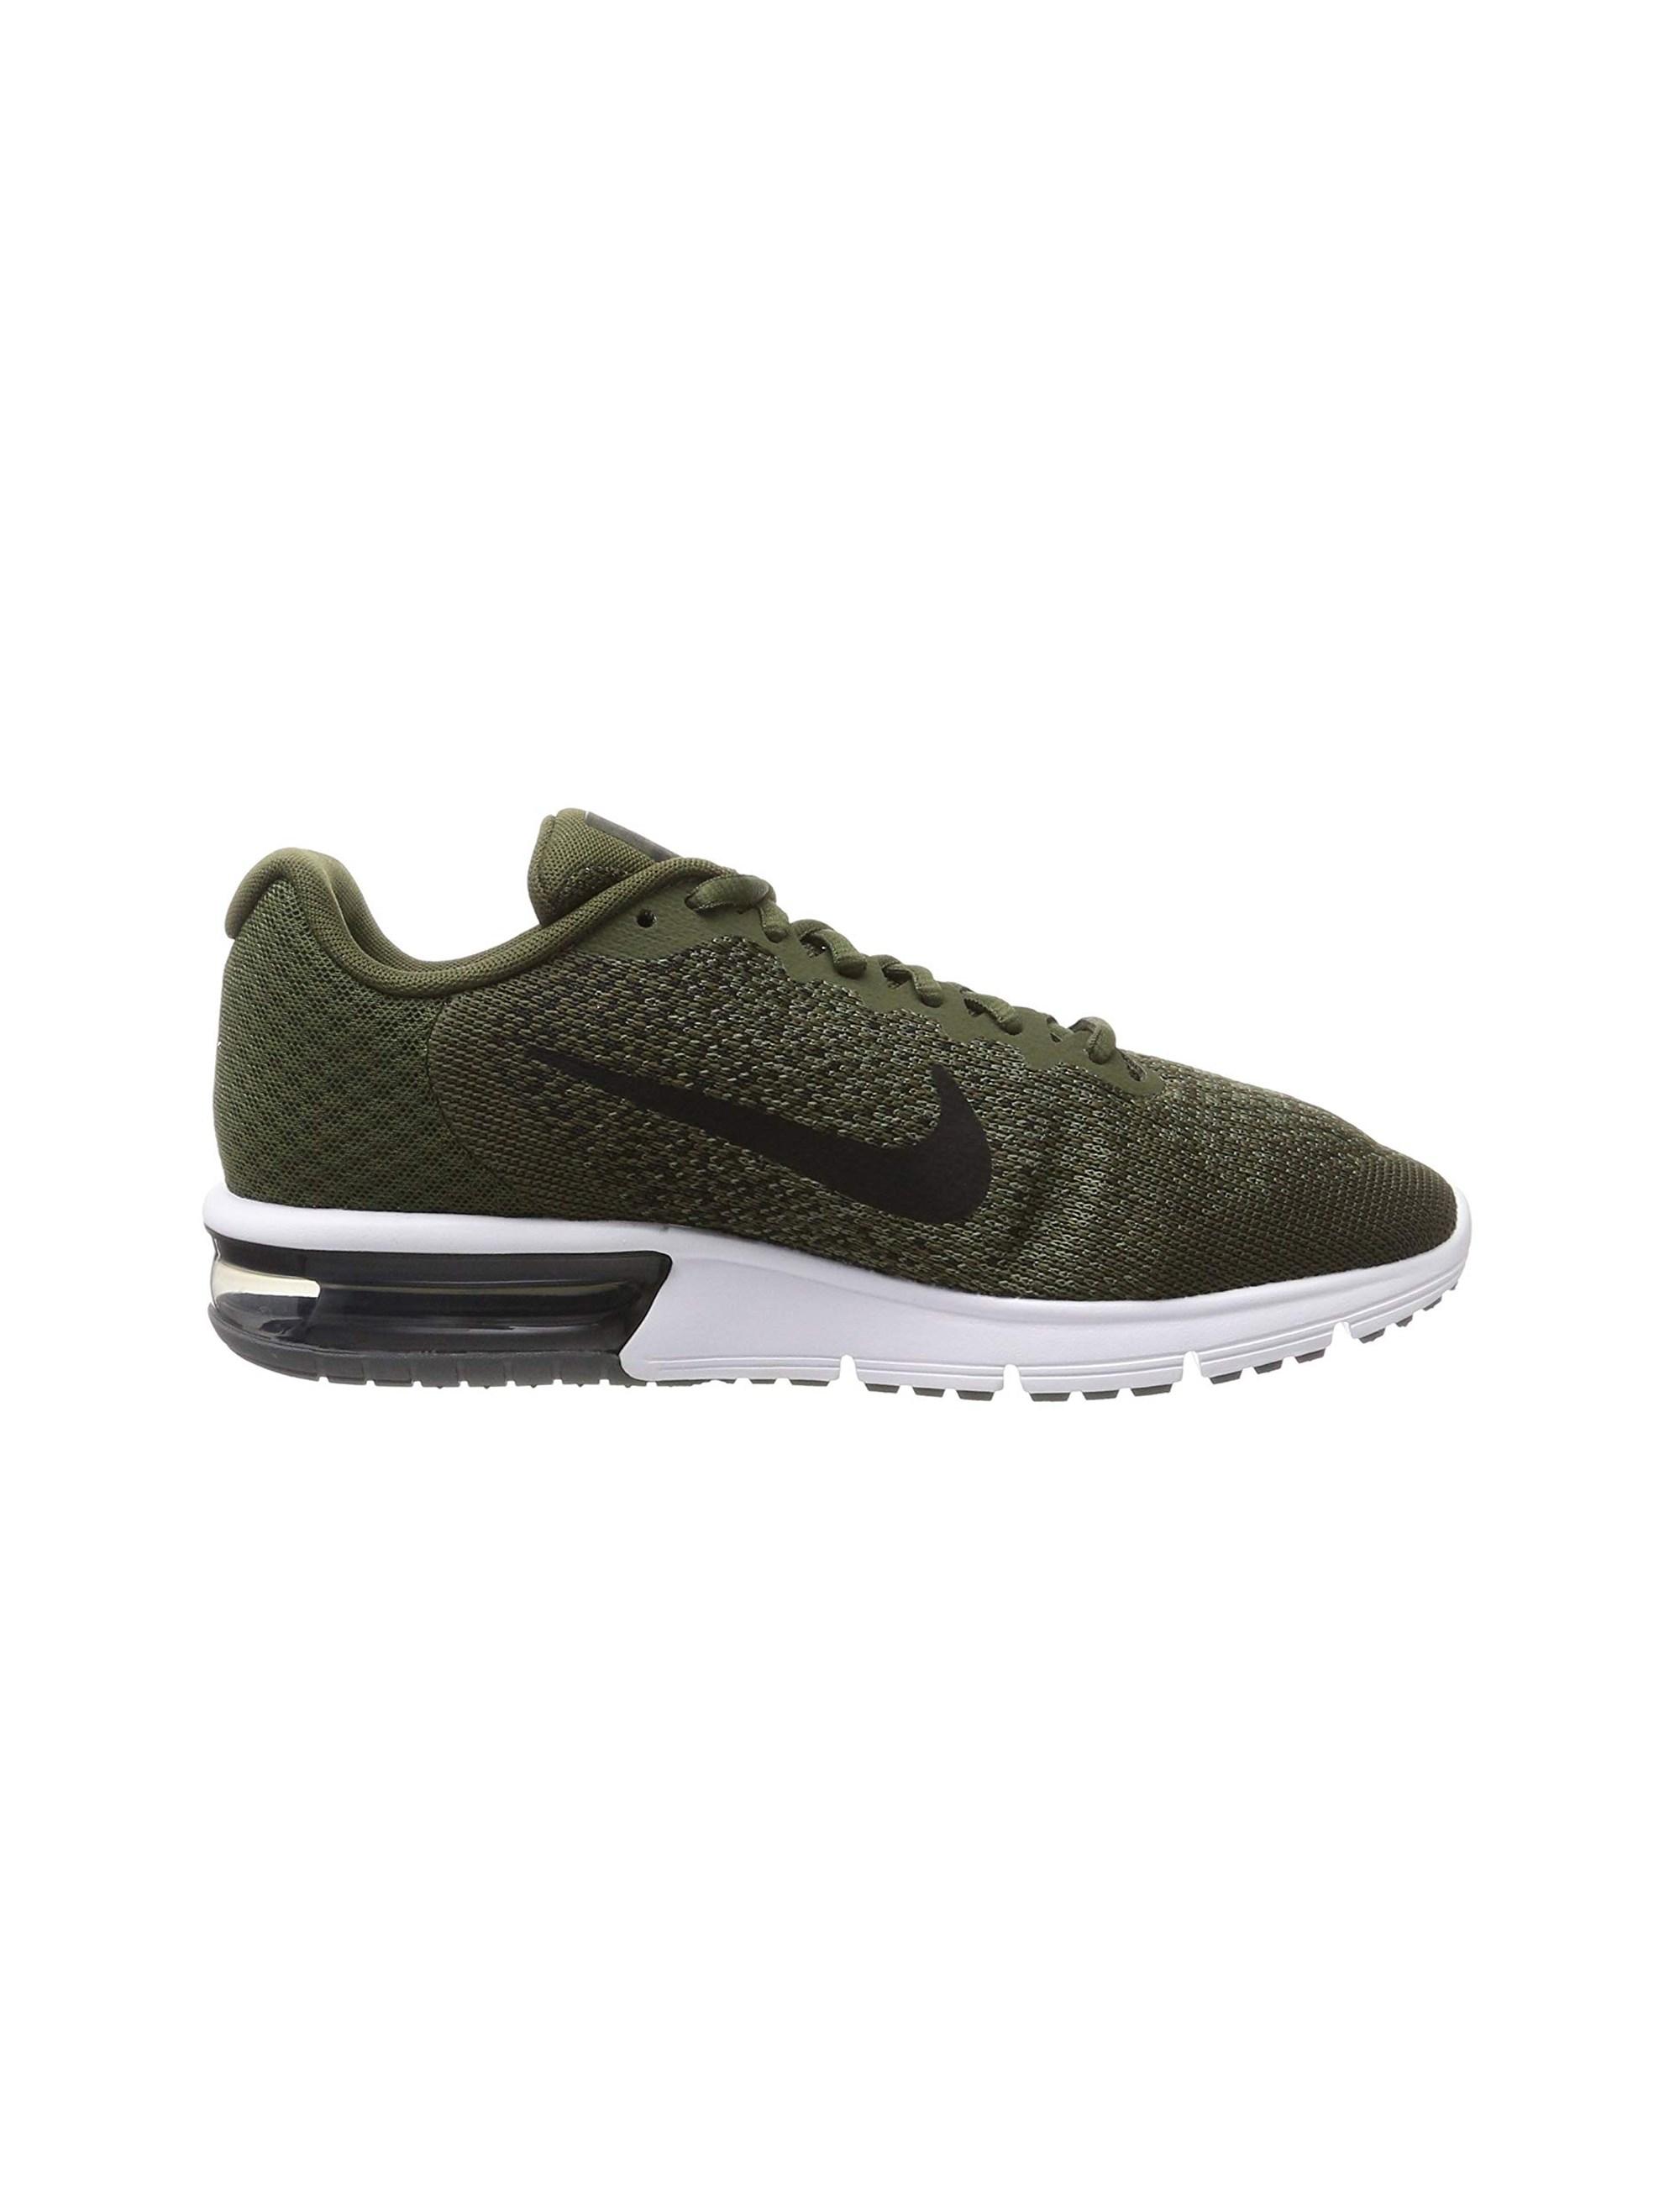 قیمت کفش دویدن بندی مردانه Air Max Sequent 2 - نایکی